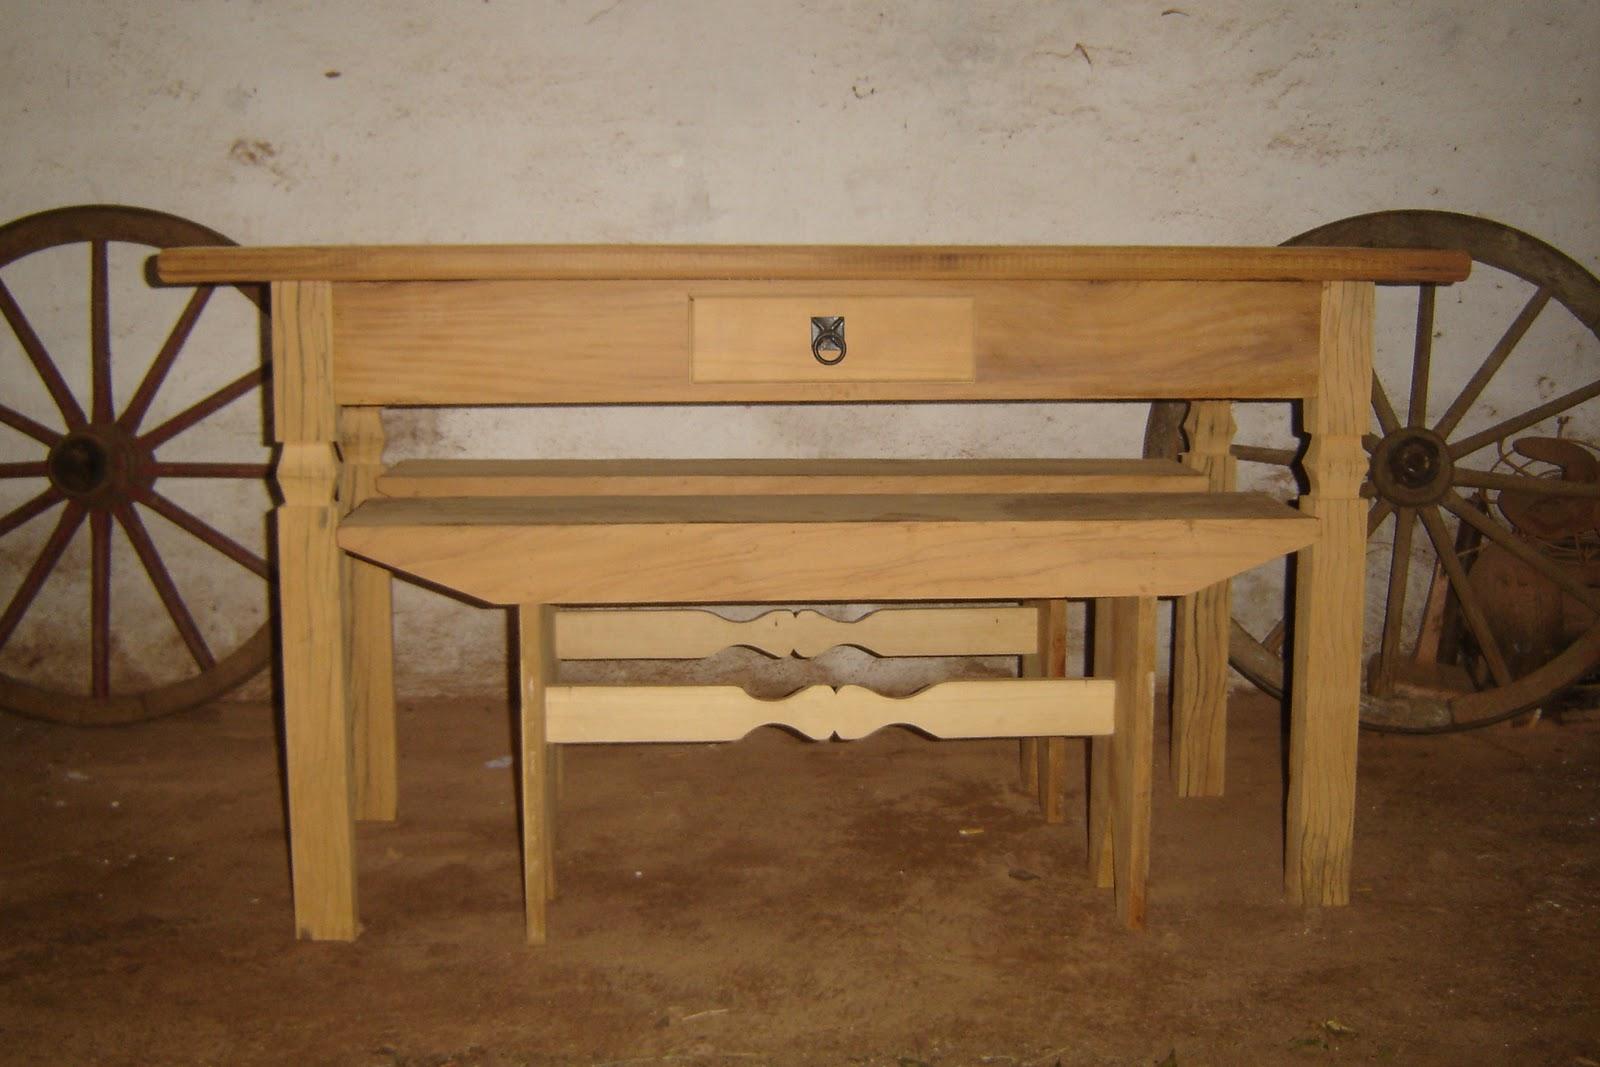 fabrico móveis rústicos #412816 1600x1067